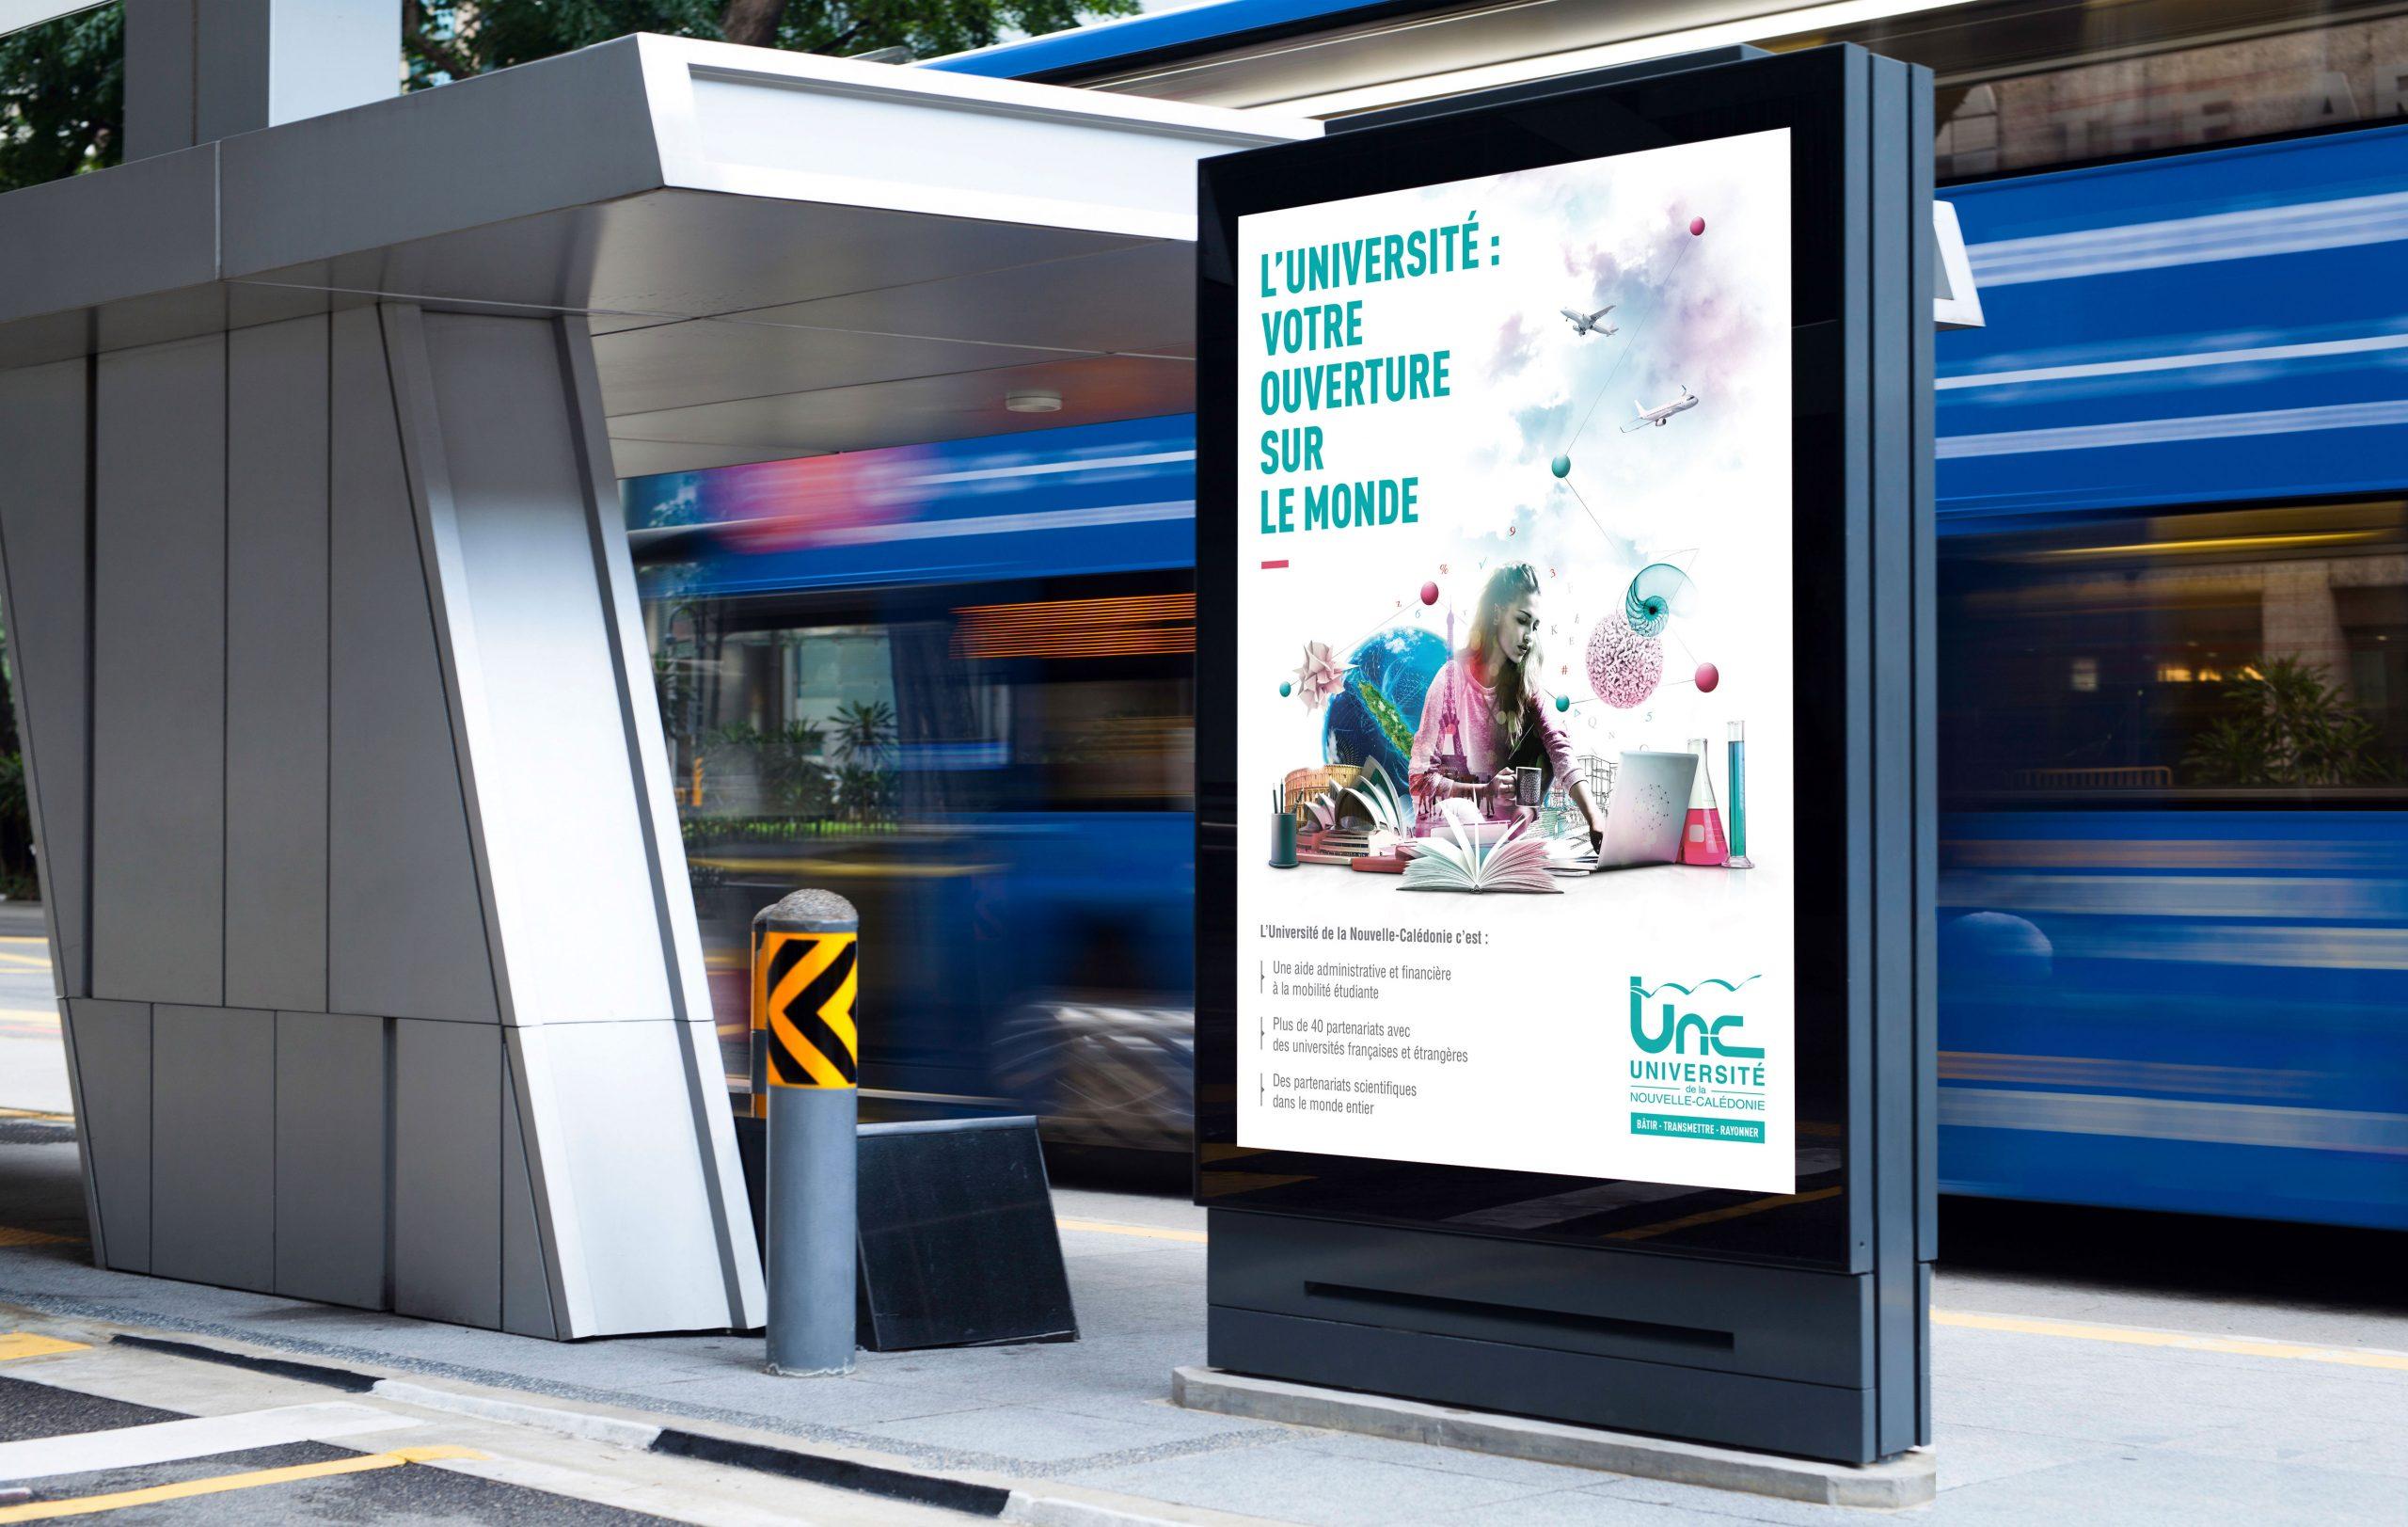 UNC-Affiches-Abris-Bus-Universite-Nouvelle-Caledonie